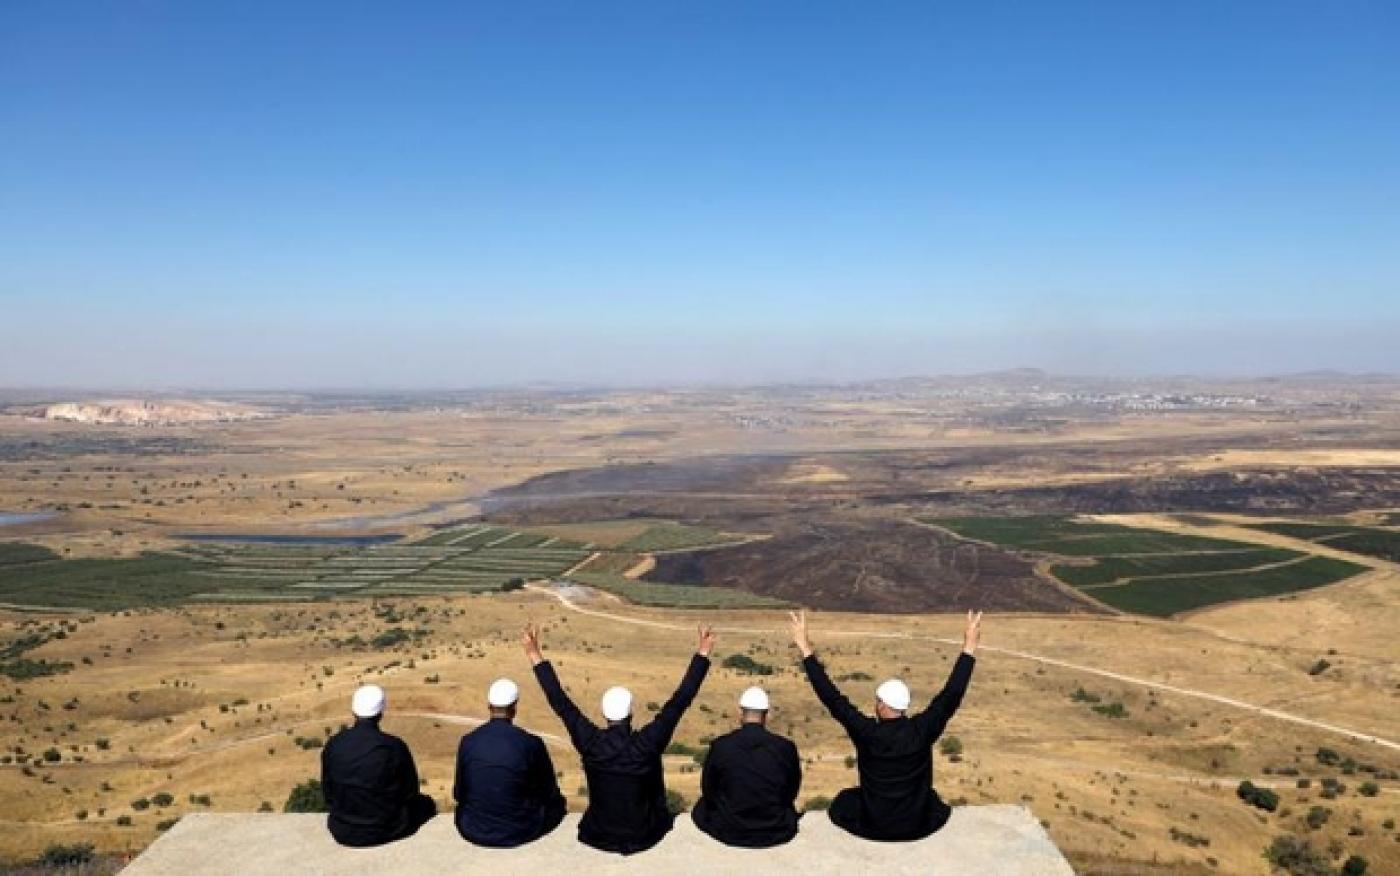 Maxaa Kajira in Maraykanka u aqoonsanaya Buuraha Golan Heights dhul ay Yuhuudu leedahay